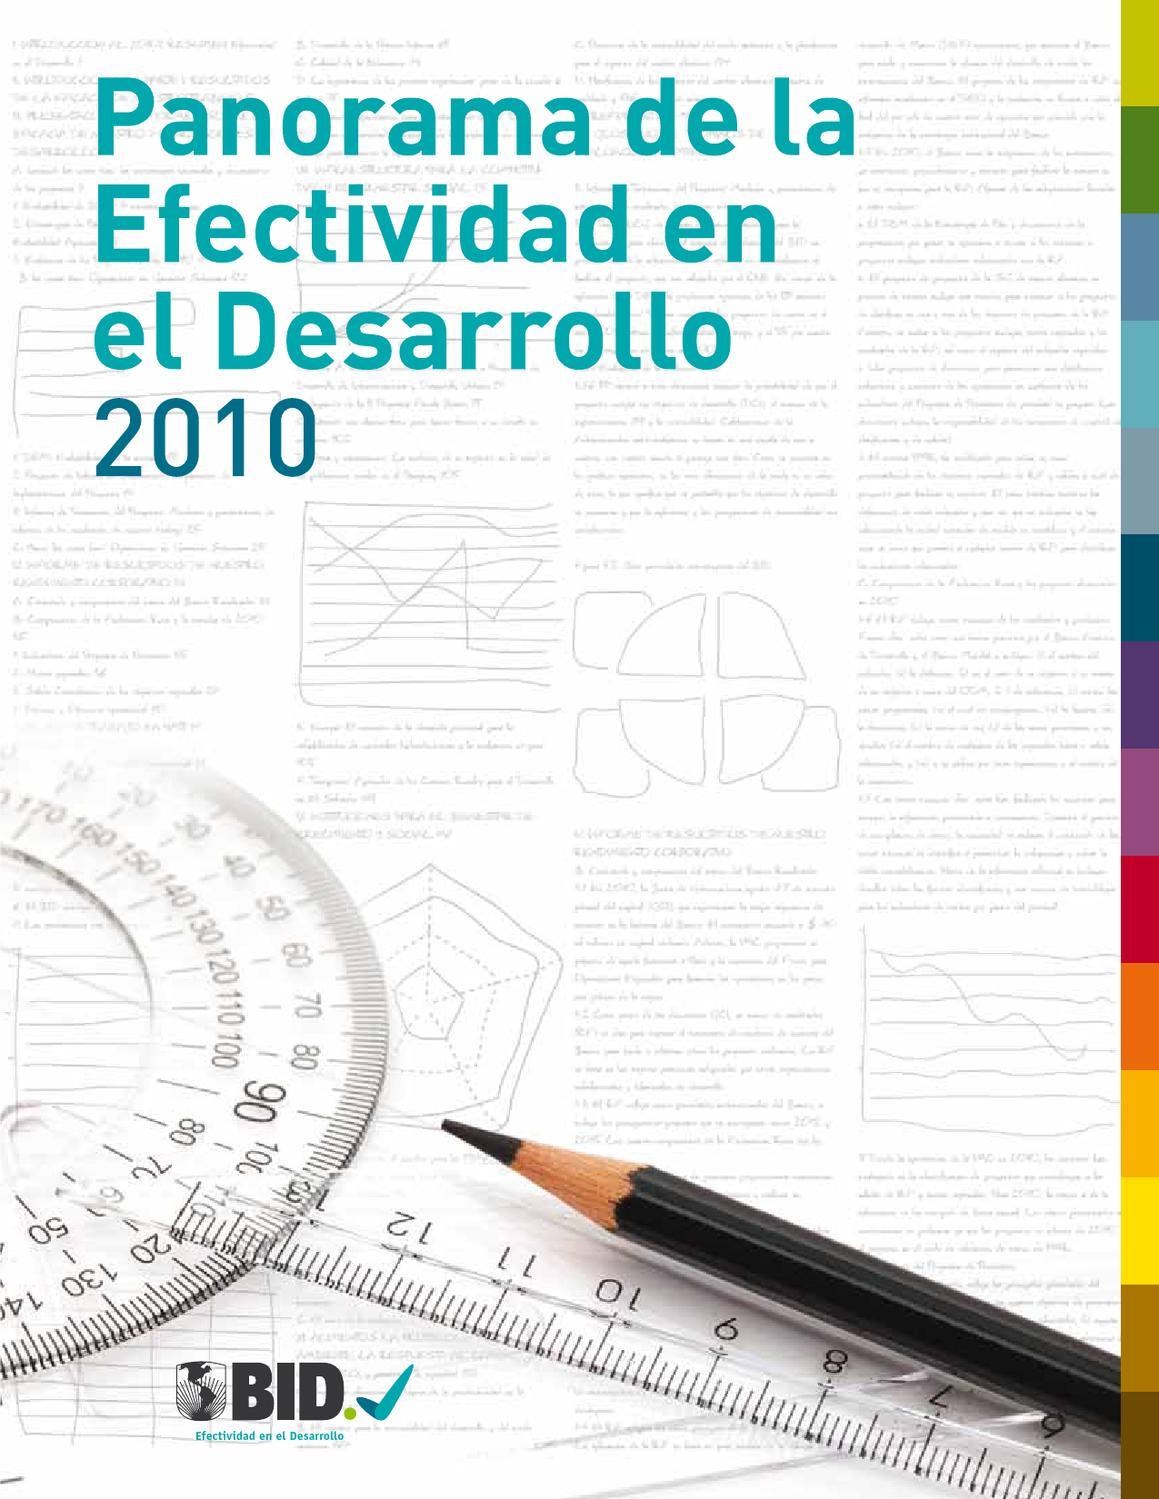 panorama de la efectividad en el desarrollo (deo) 2010 by IDB - issuu